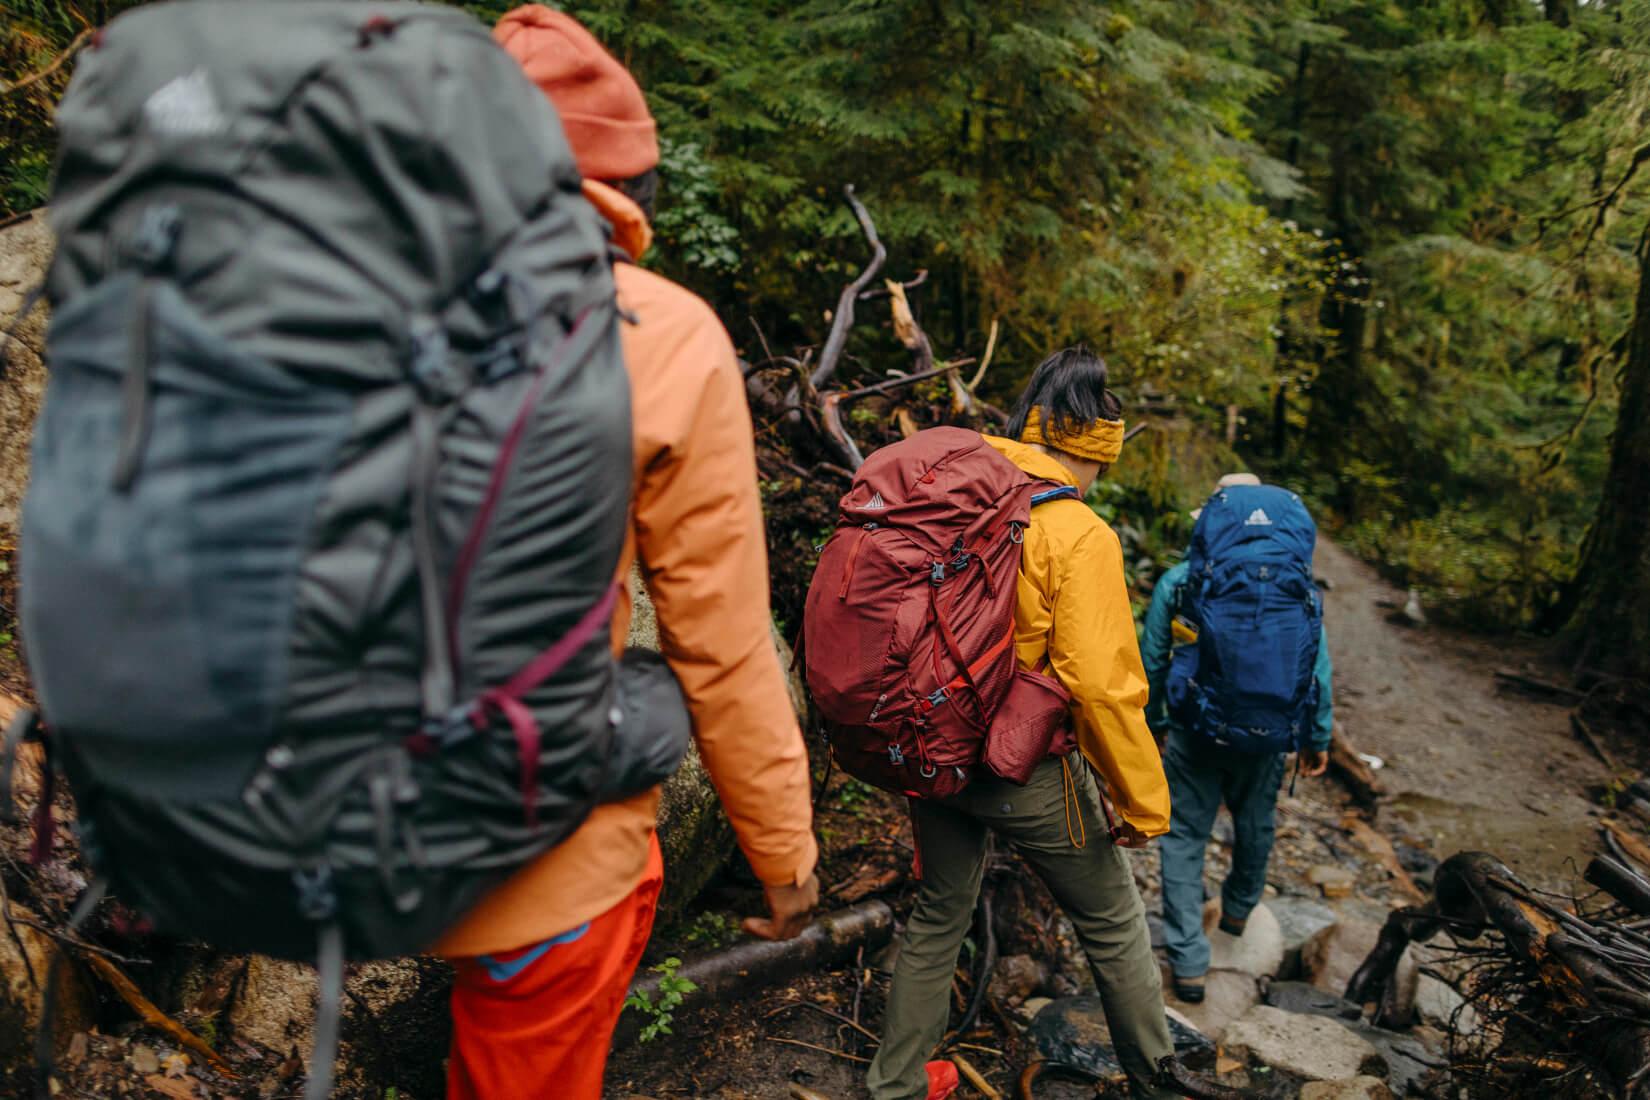 Drei Personen mit Gregory-Rucksäcken auf einem Wanderweg im Wald. Es regnet